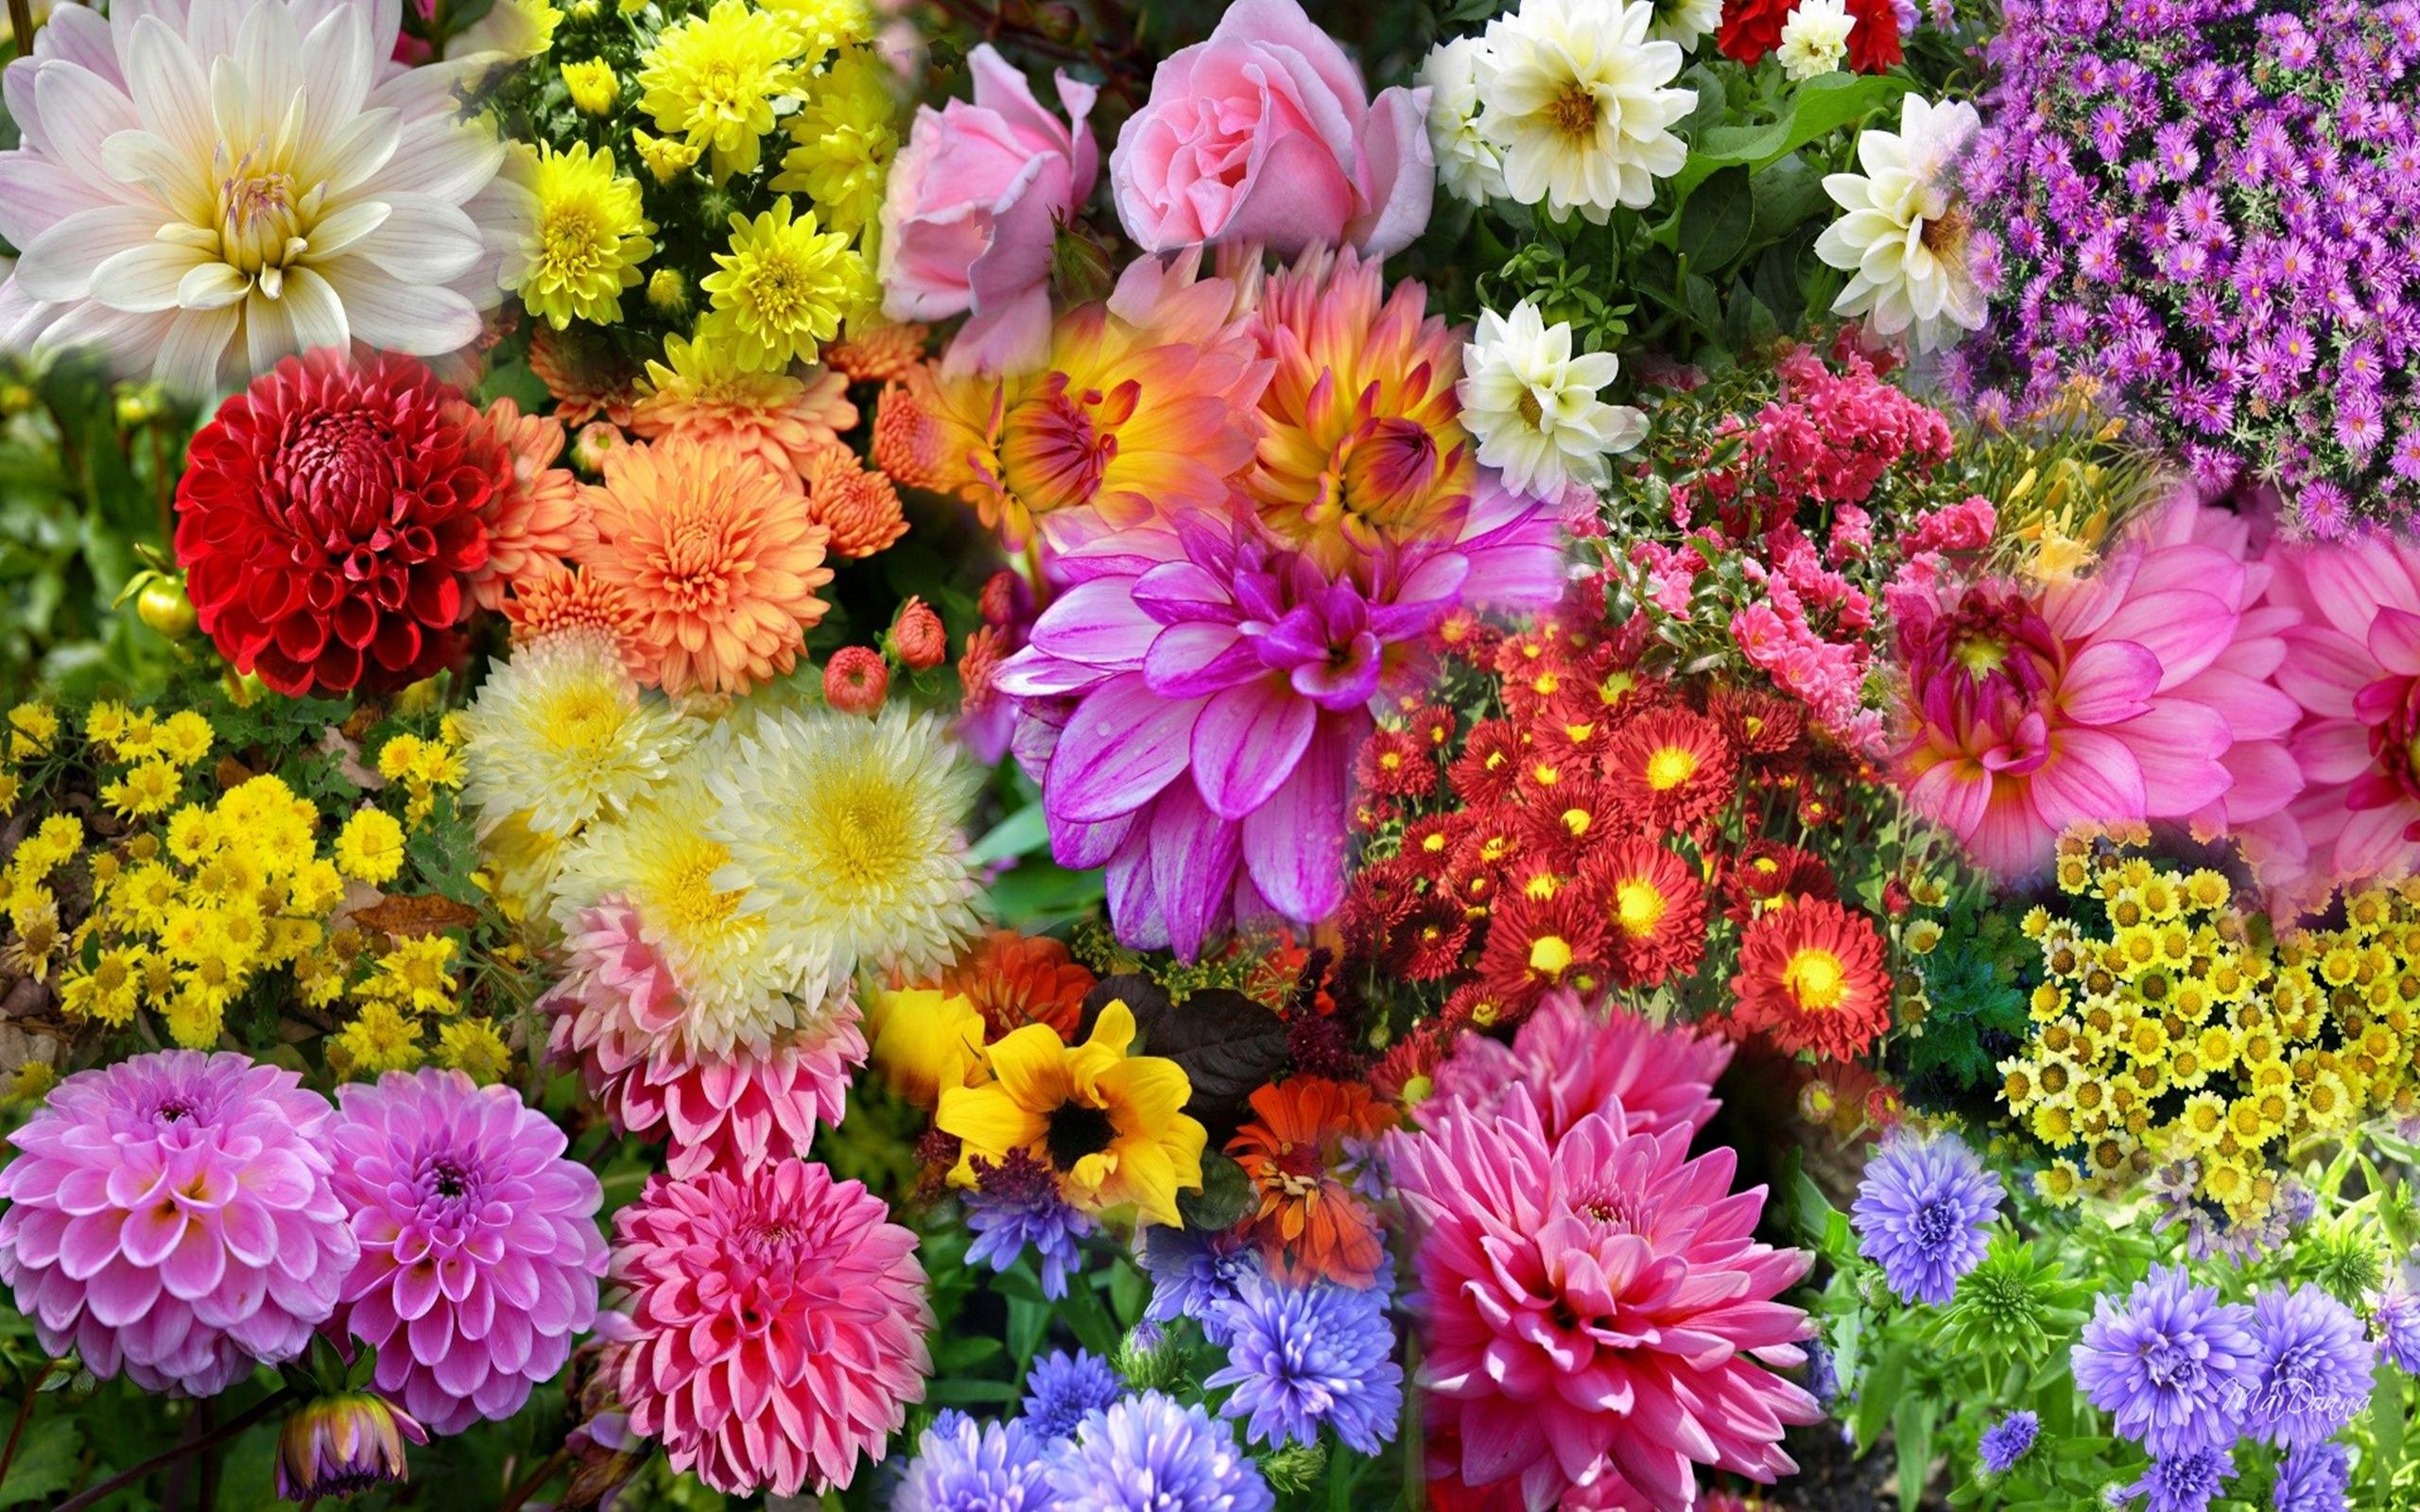 Wallpaper Hd Nature Flower Photo - Autumn Flowers Desktop Backgrounds , HD Wallpaper & Backgrounds